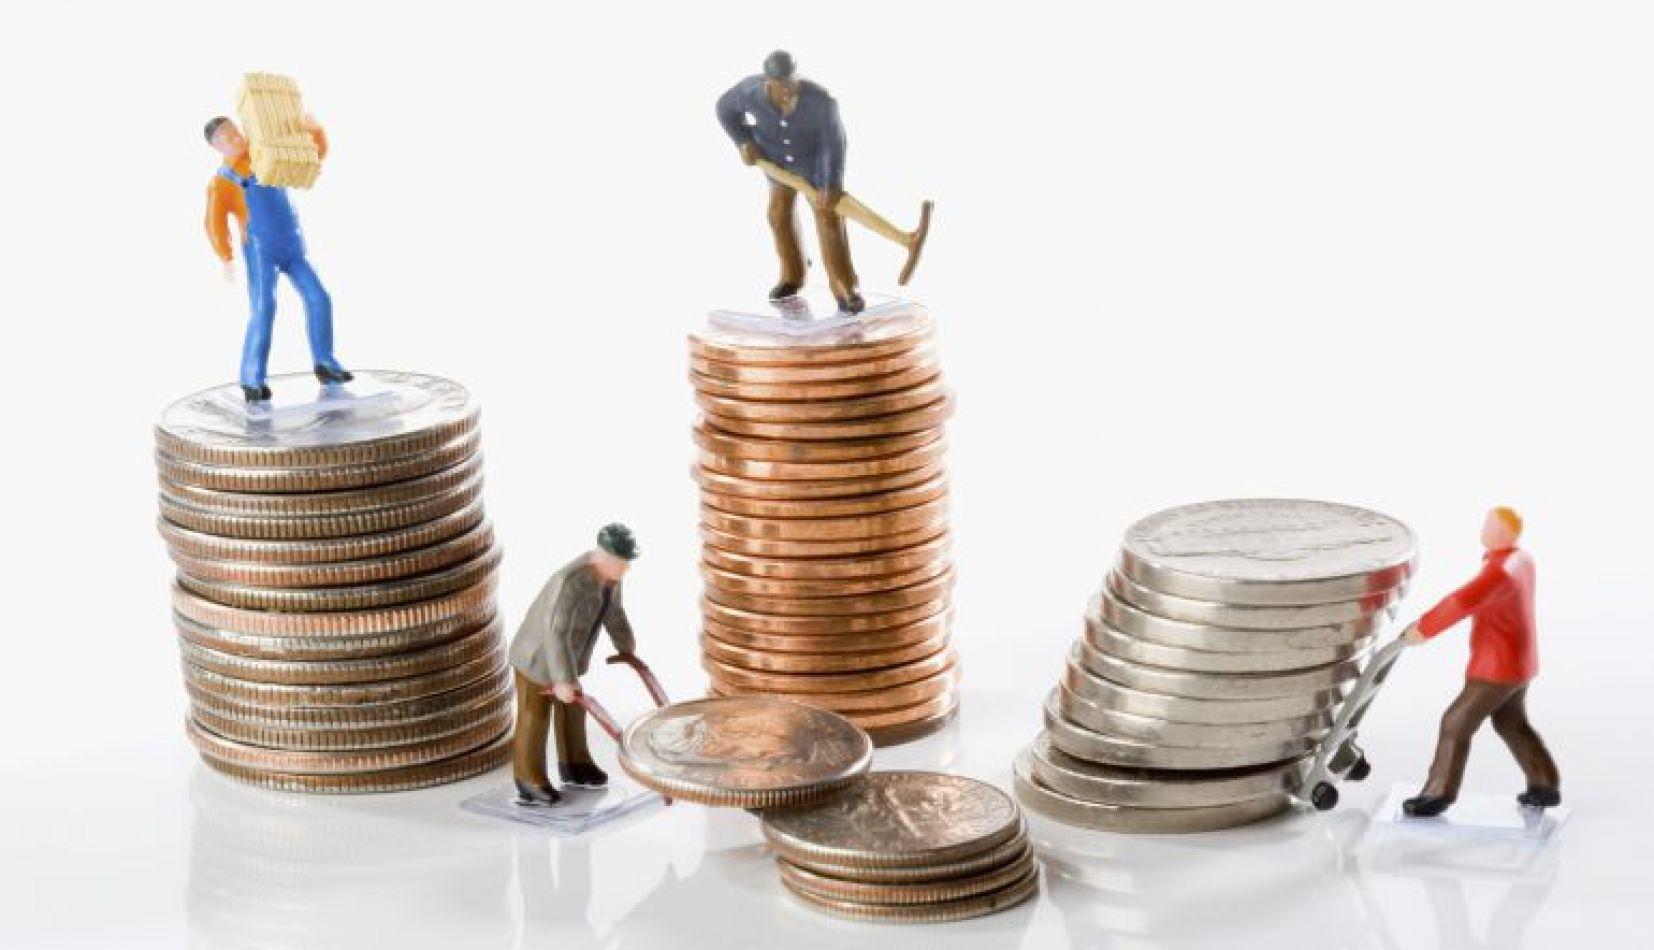 El Gobierno subirá 35% el salario mínimo a $16.875 desde octubre